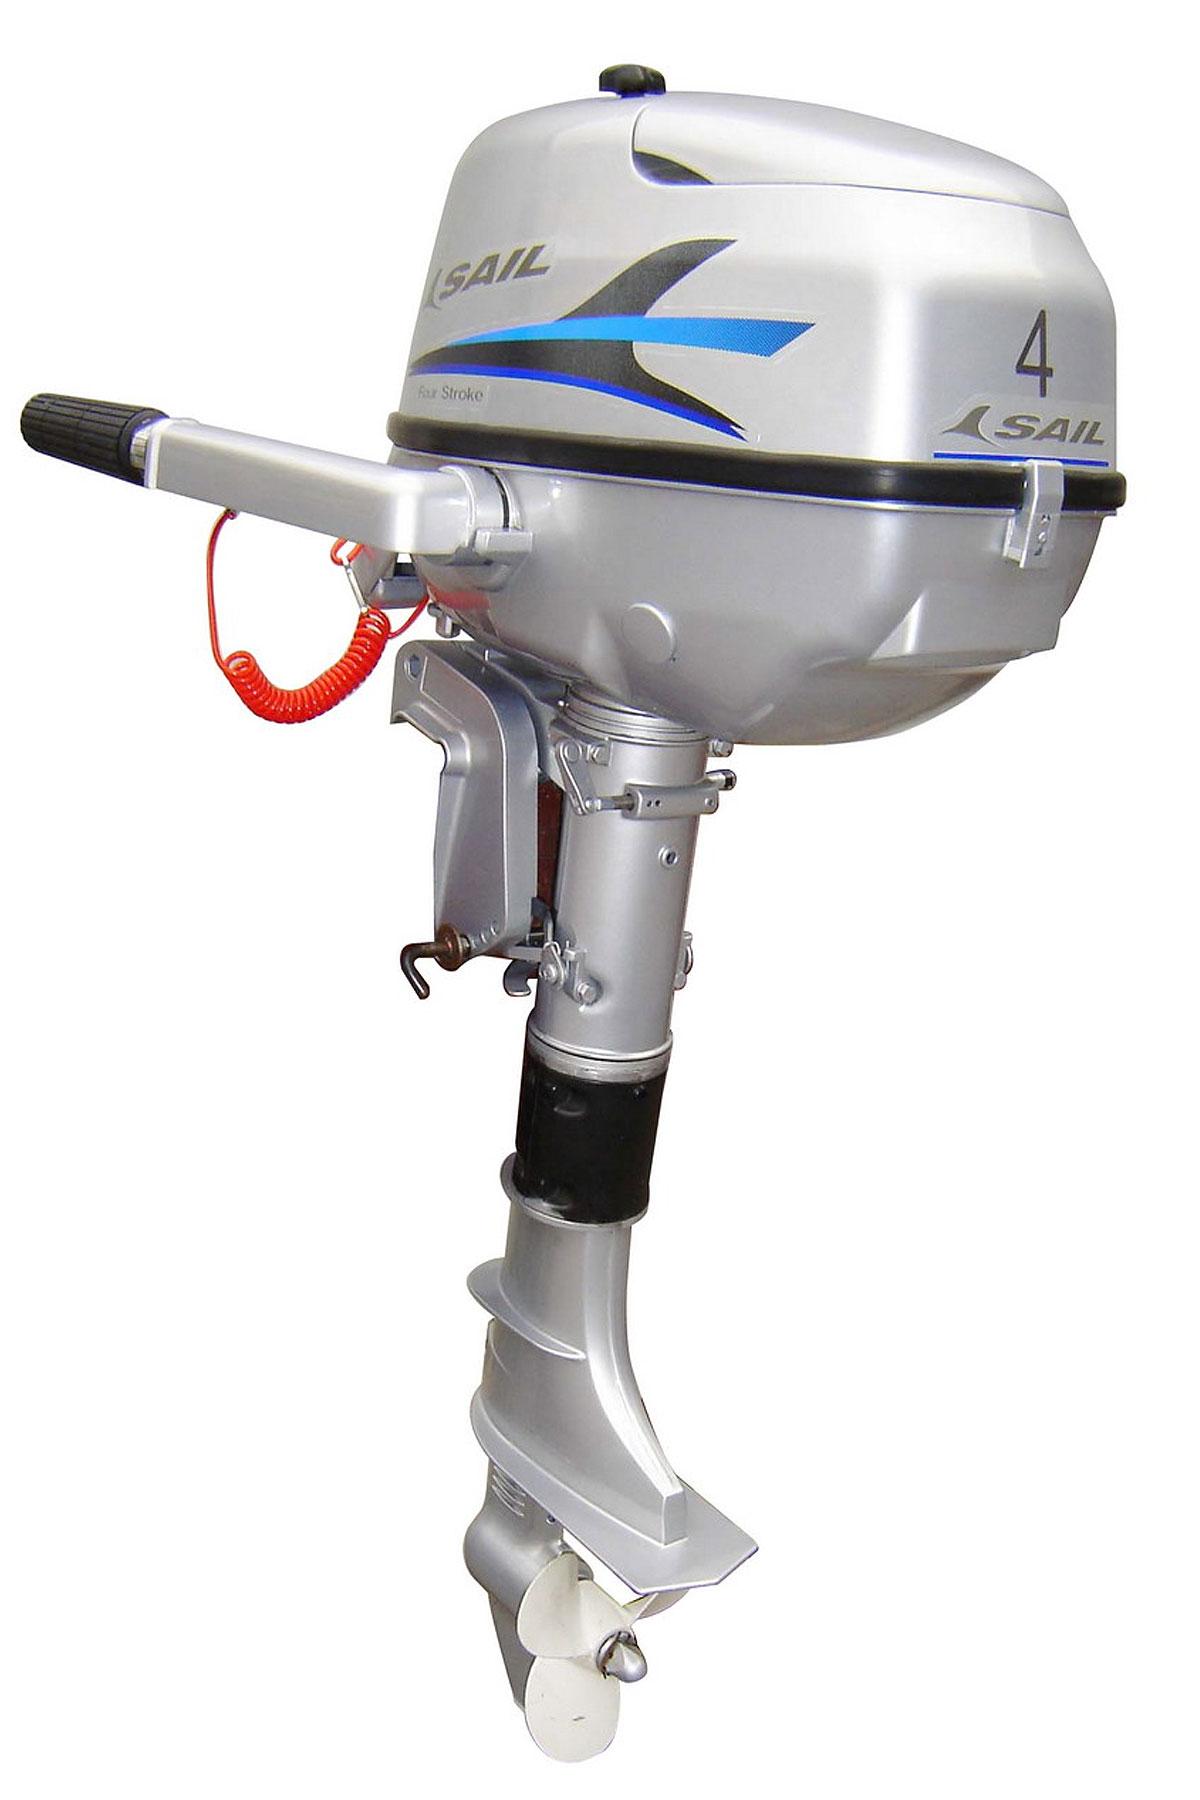 Лодочный мотор 4-х тактный yamabisi f4 bms 4 лс